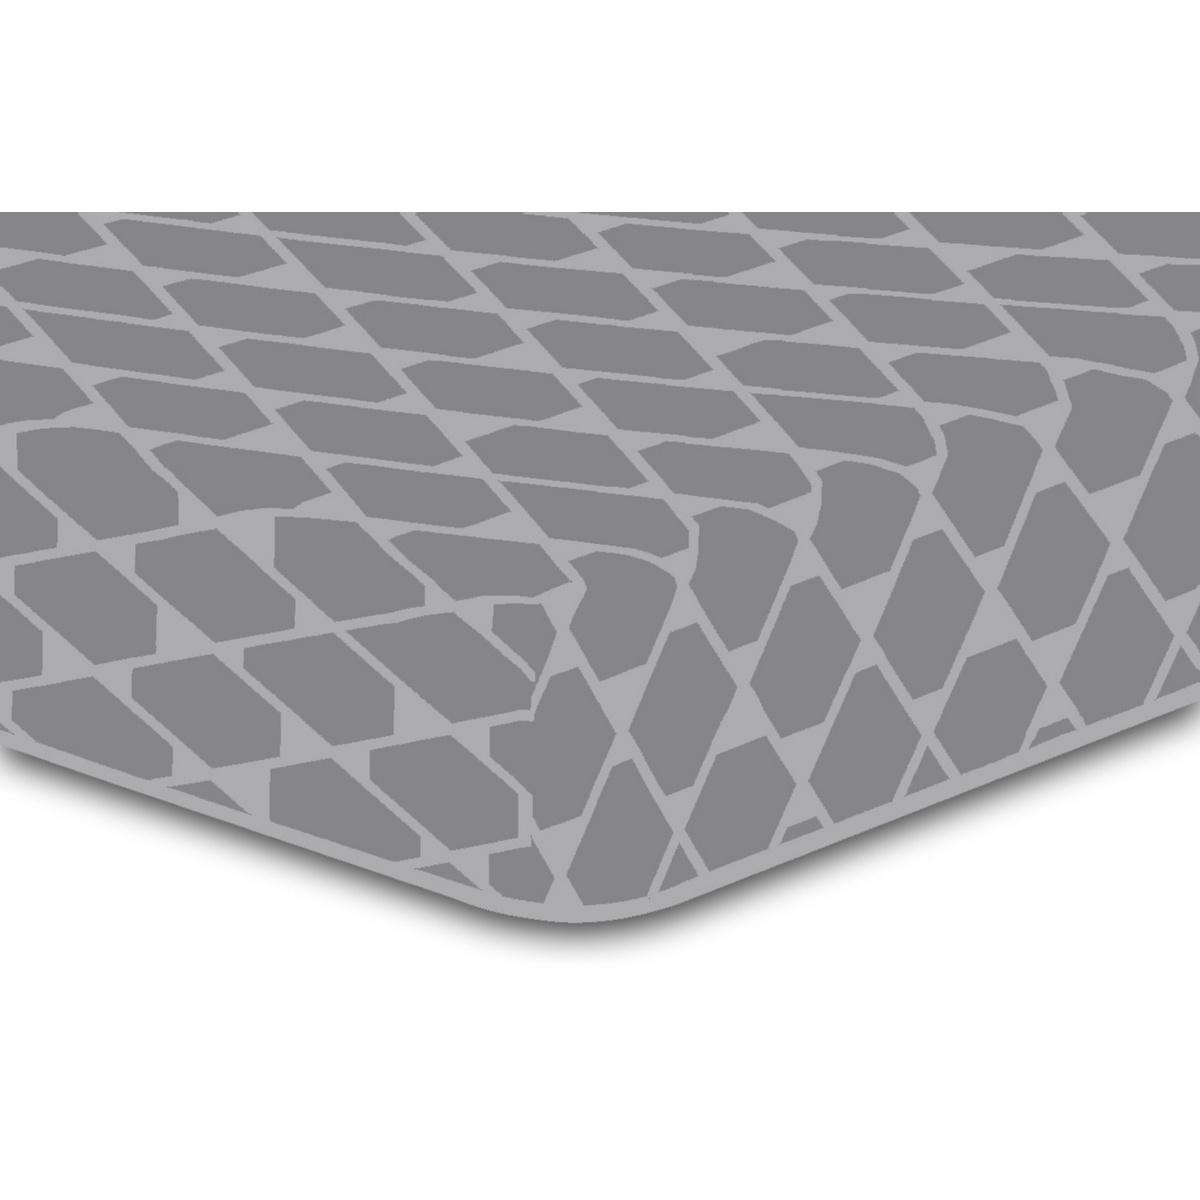 DecoKing Prześcieradło Rhombuses szare S2, 90 x 200 cm